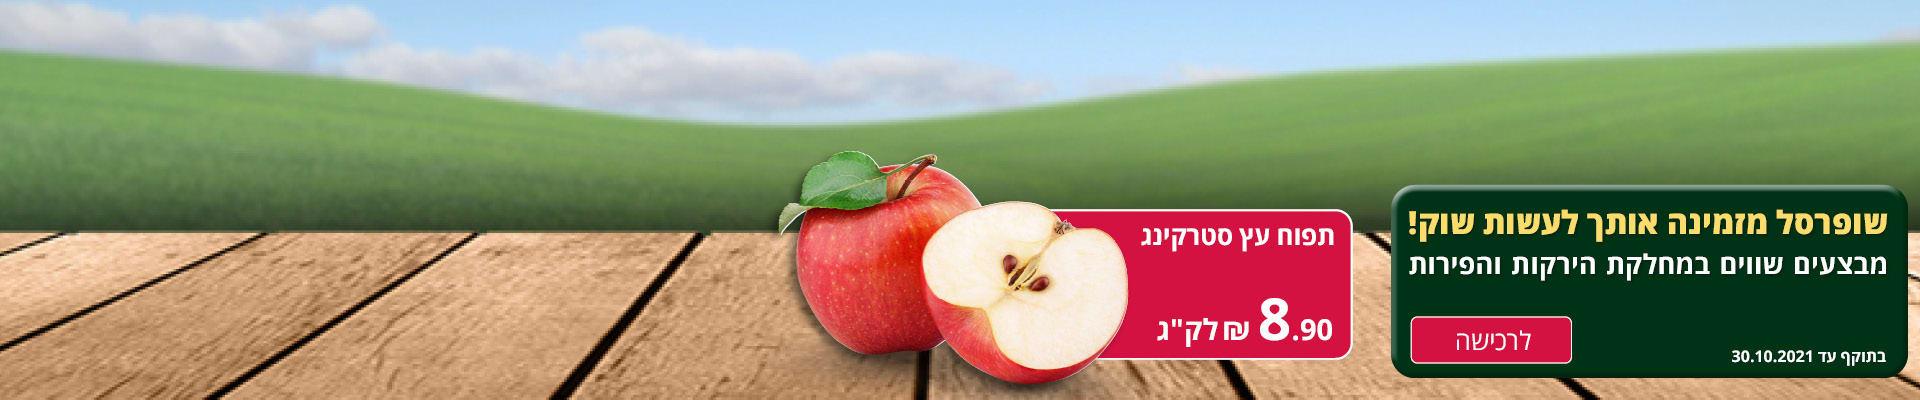 """שופרסל מזמינה אותך לעשות שוק! מבצעים שווים במחלקת הירקות והפירות. תפוח עץ סטרקינג 8.90 ₪ לק""""ג. בתוקף עד 30.10.2021"""